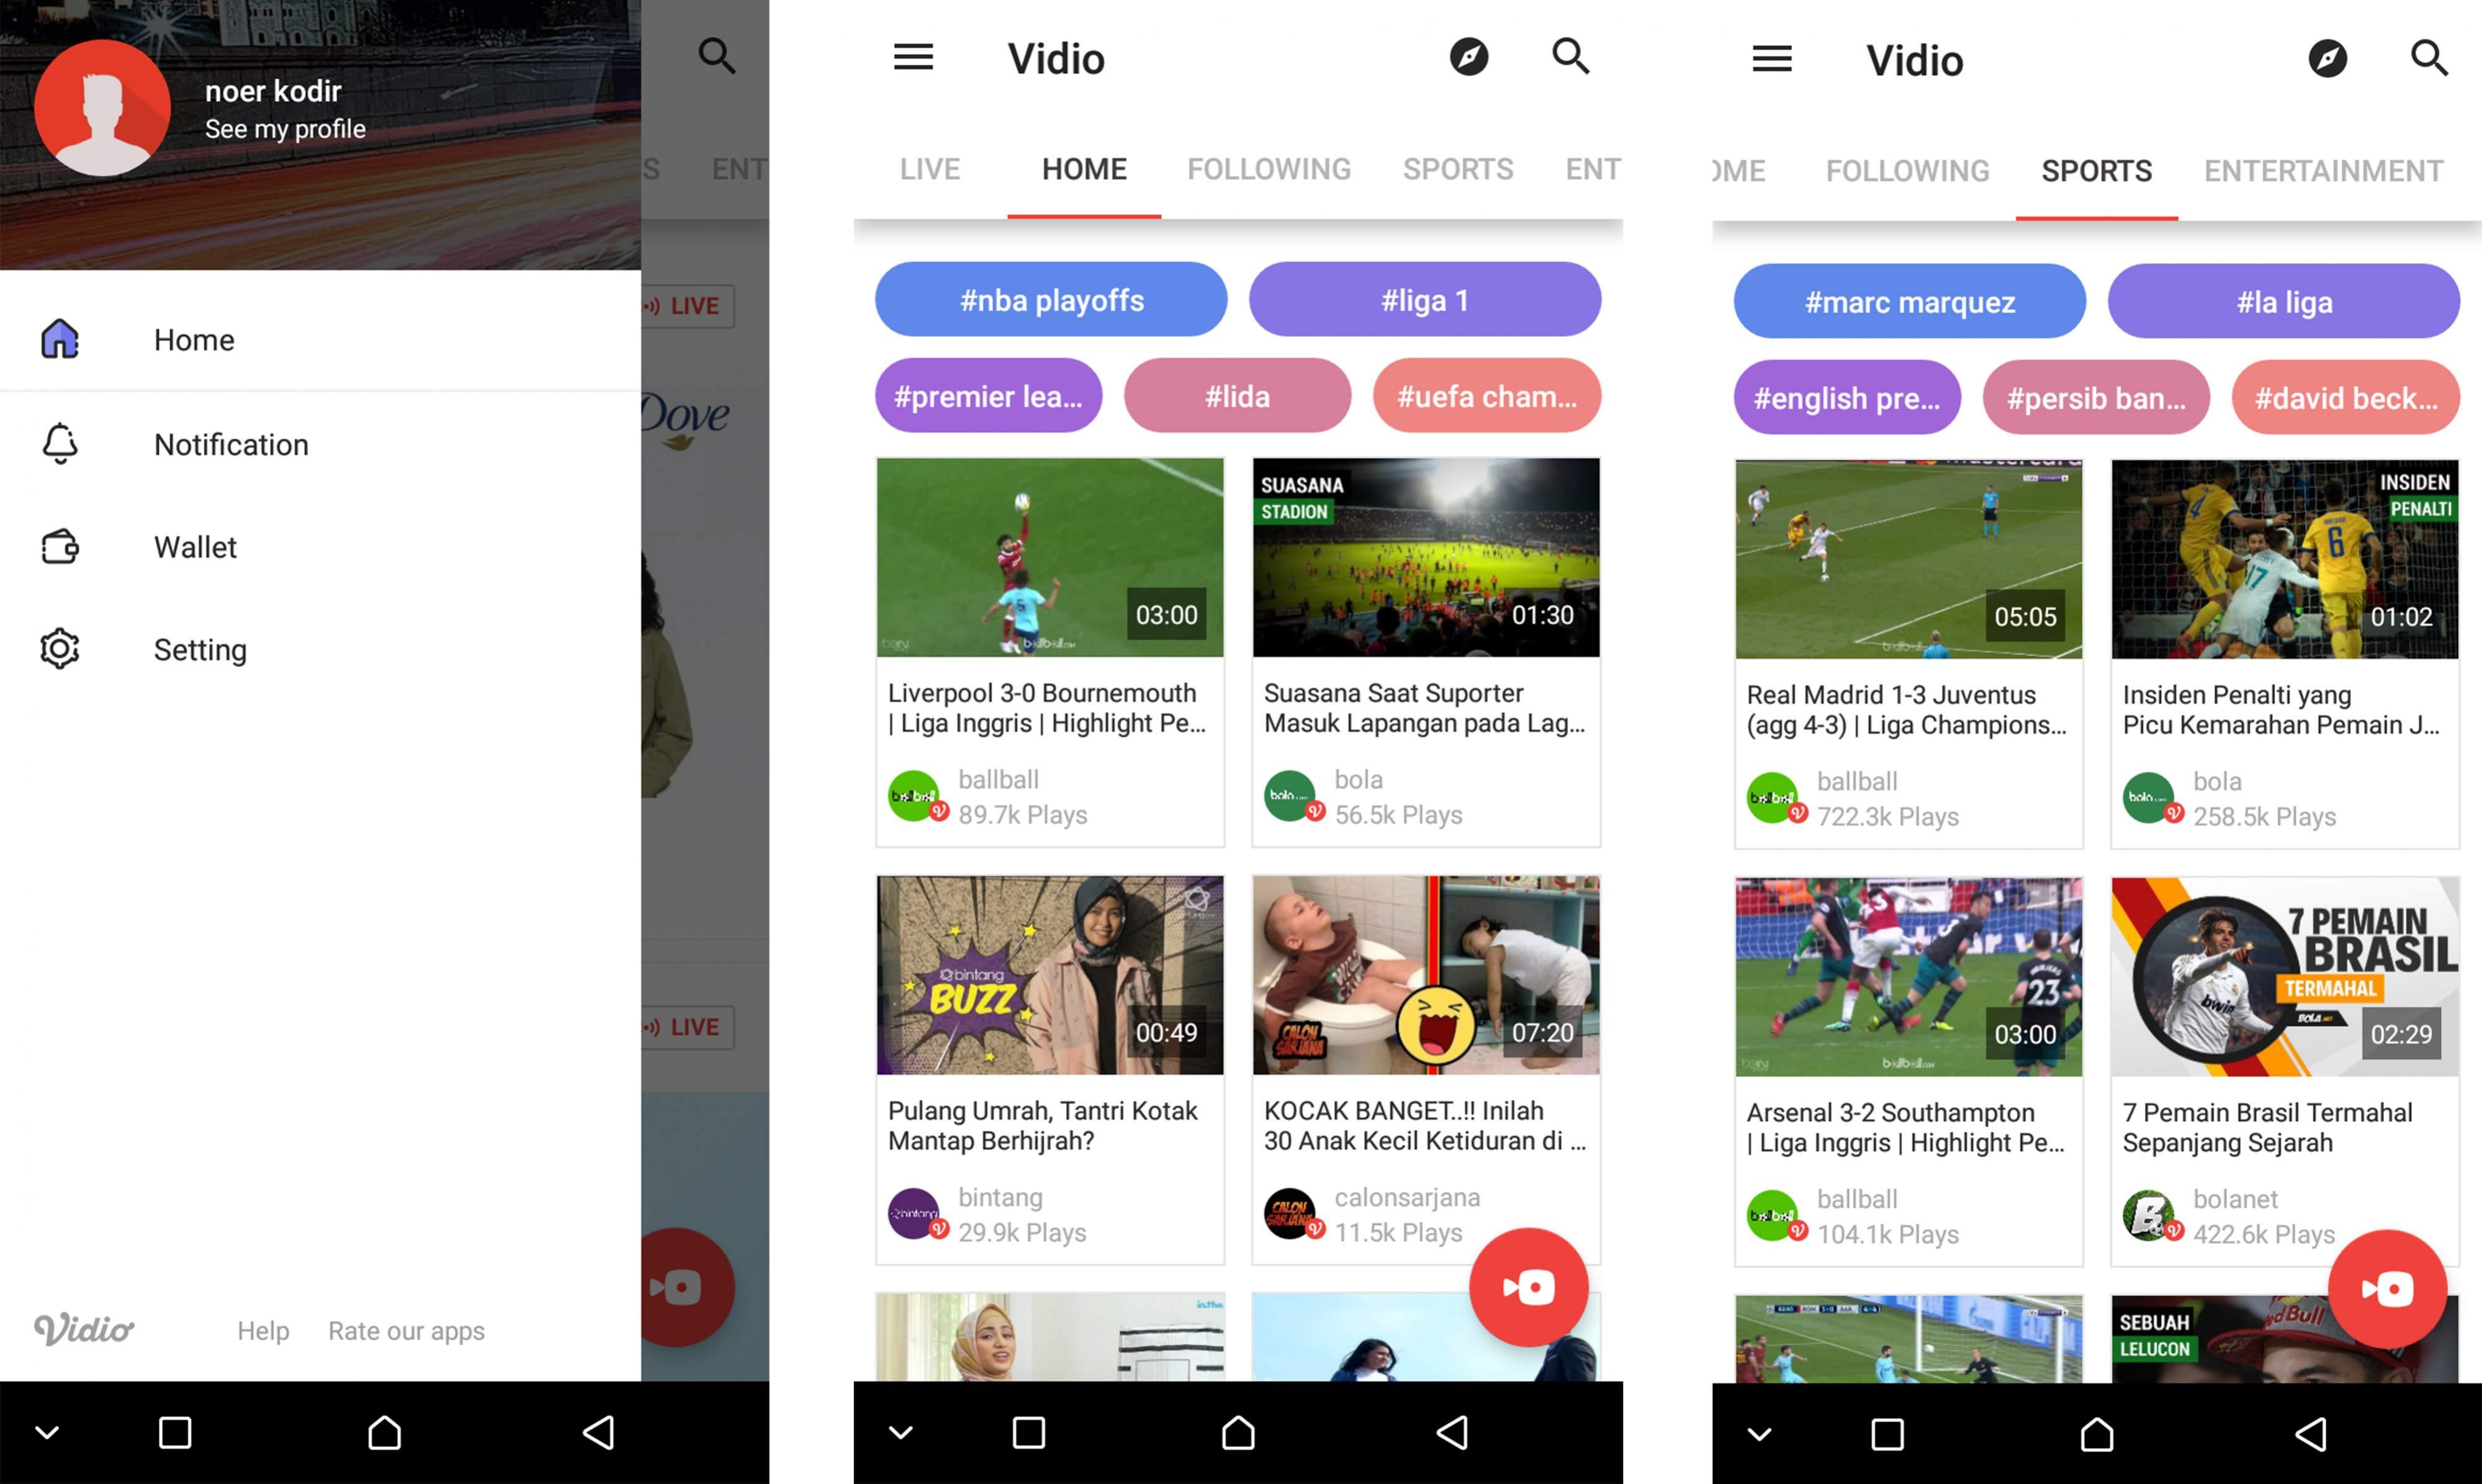 9 Aplikasi Streaming TV Online Buat Nonton Bola, Gratis